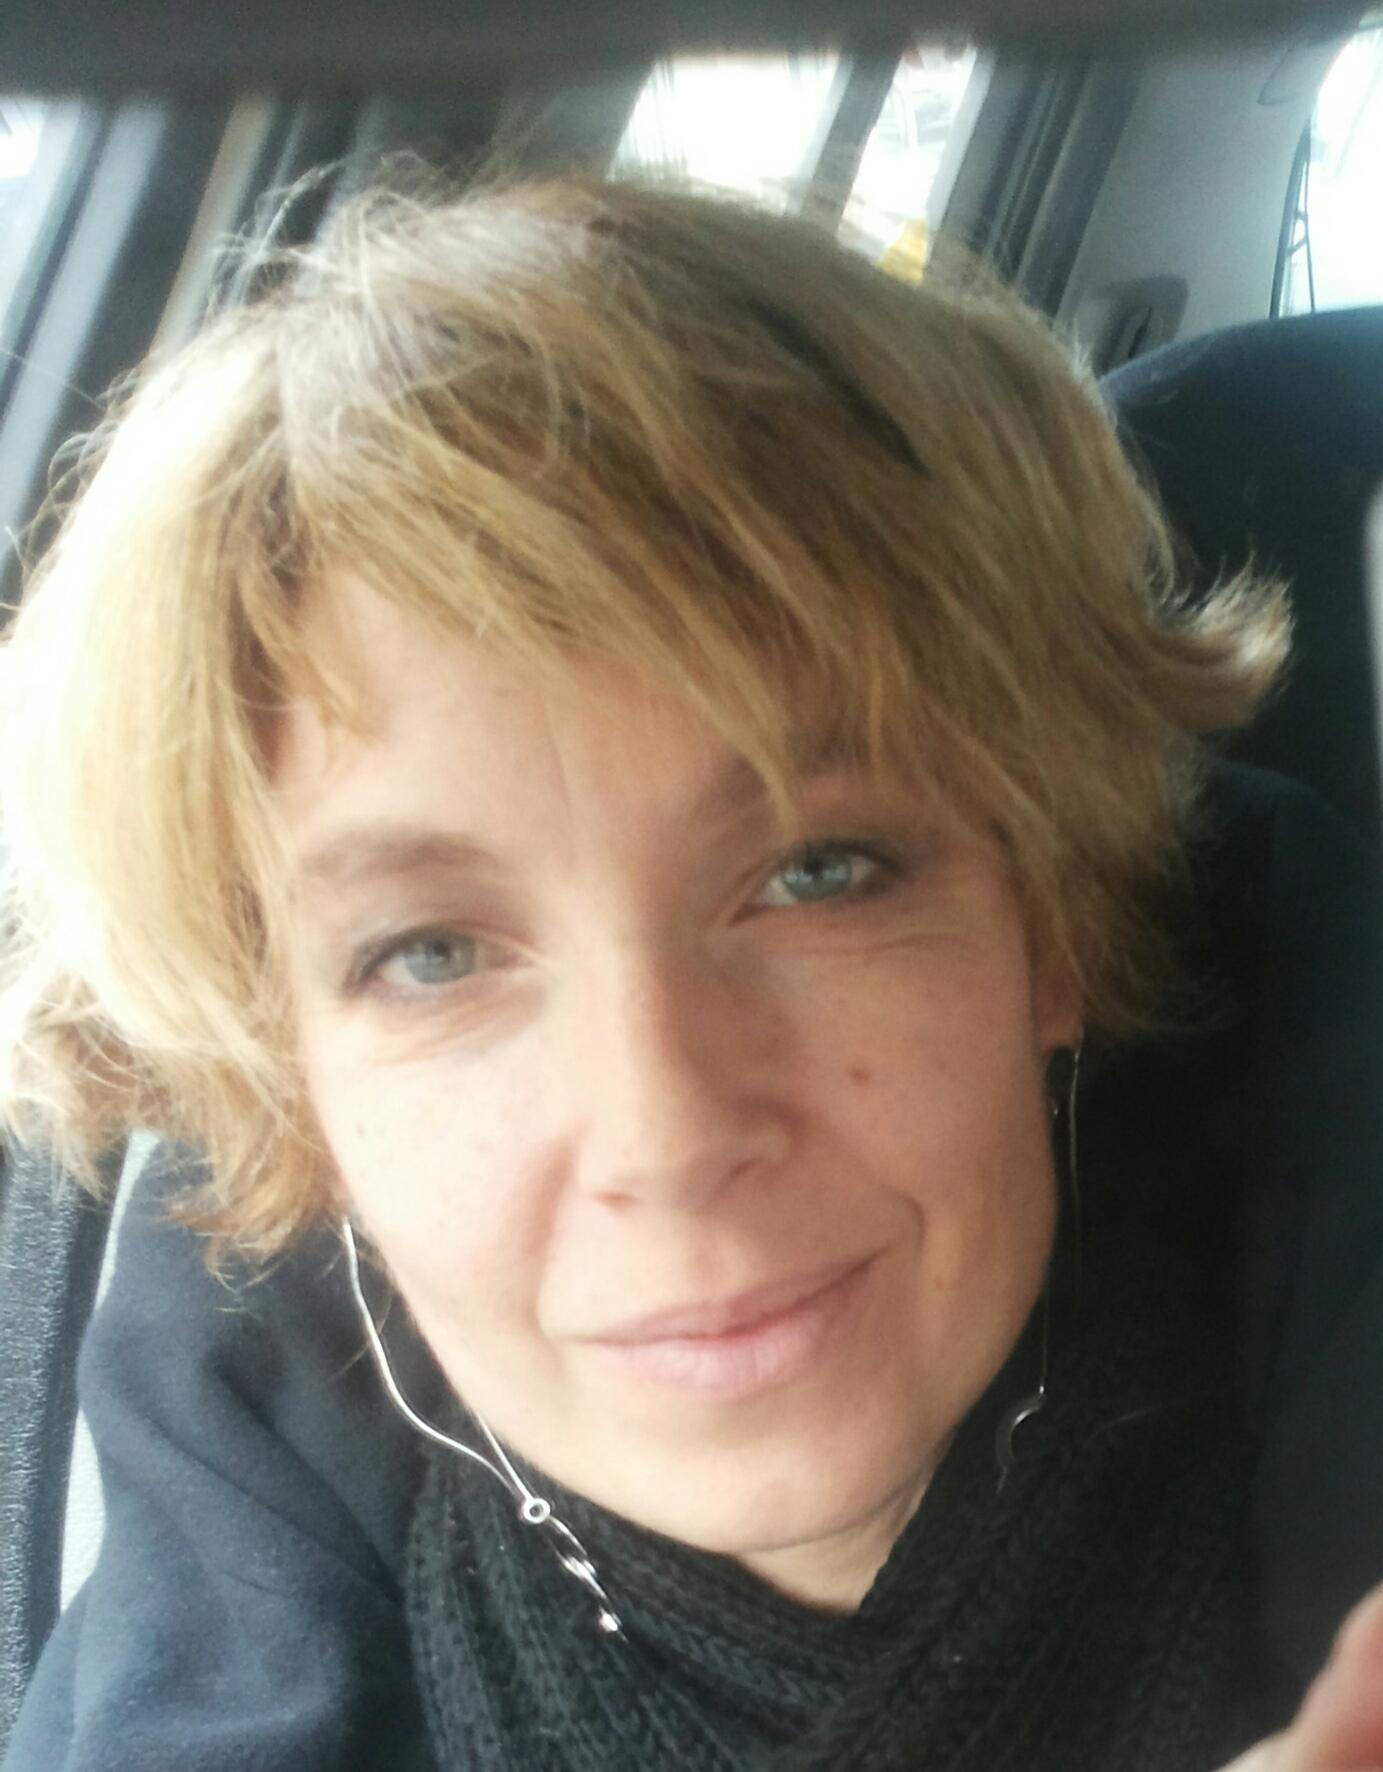 ALESSIA VALENTINI - Banche e Sicurezza